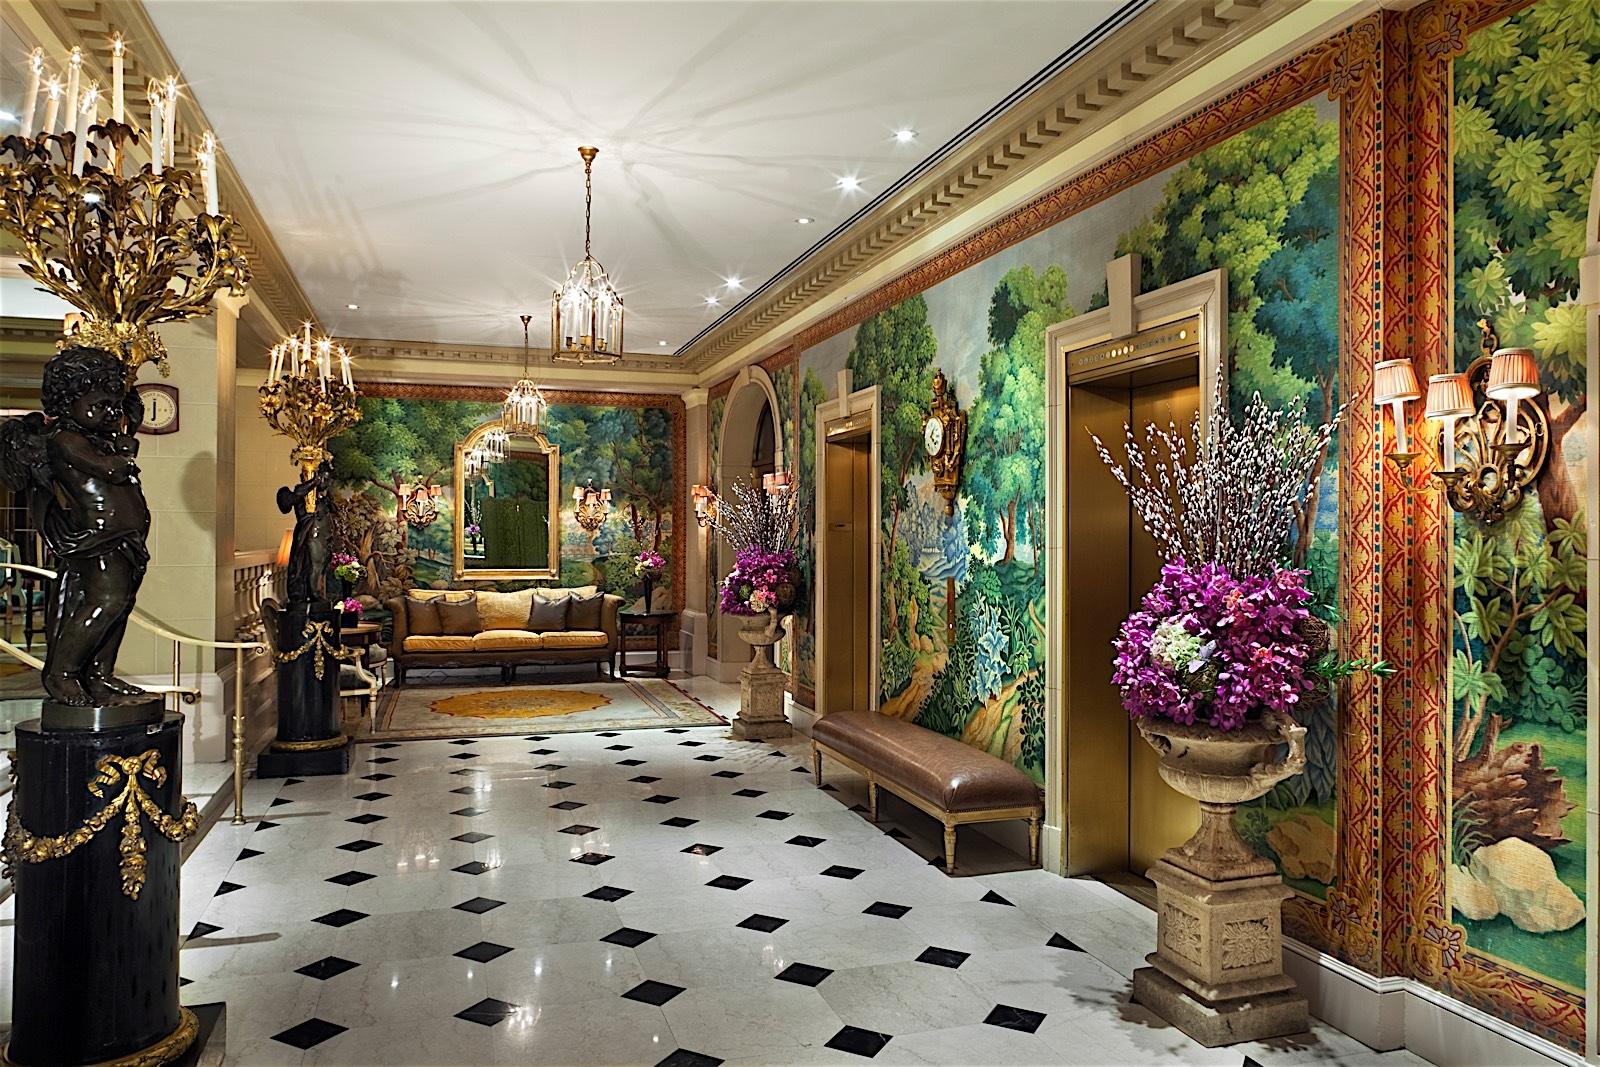 Hotel Plaza Athenee image 8